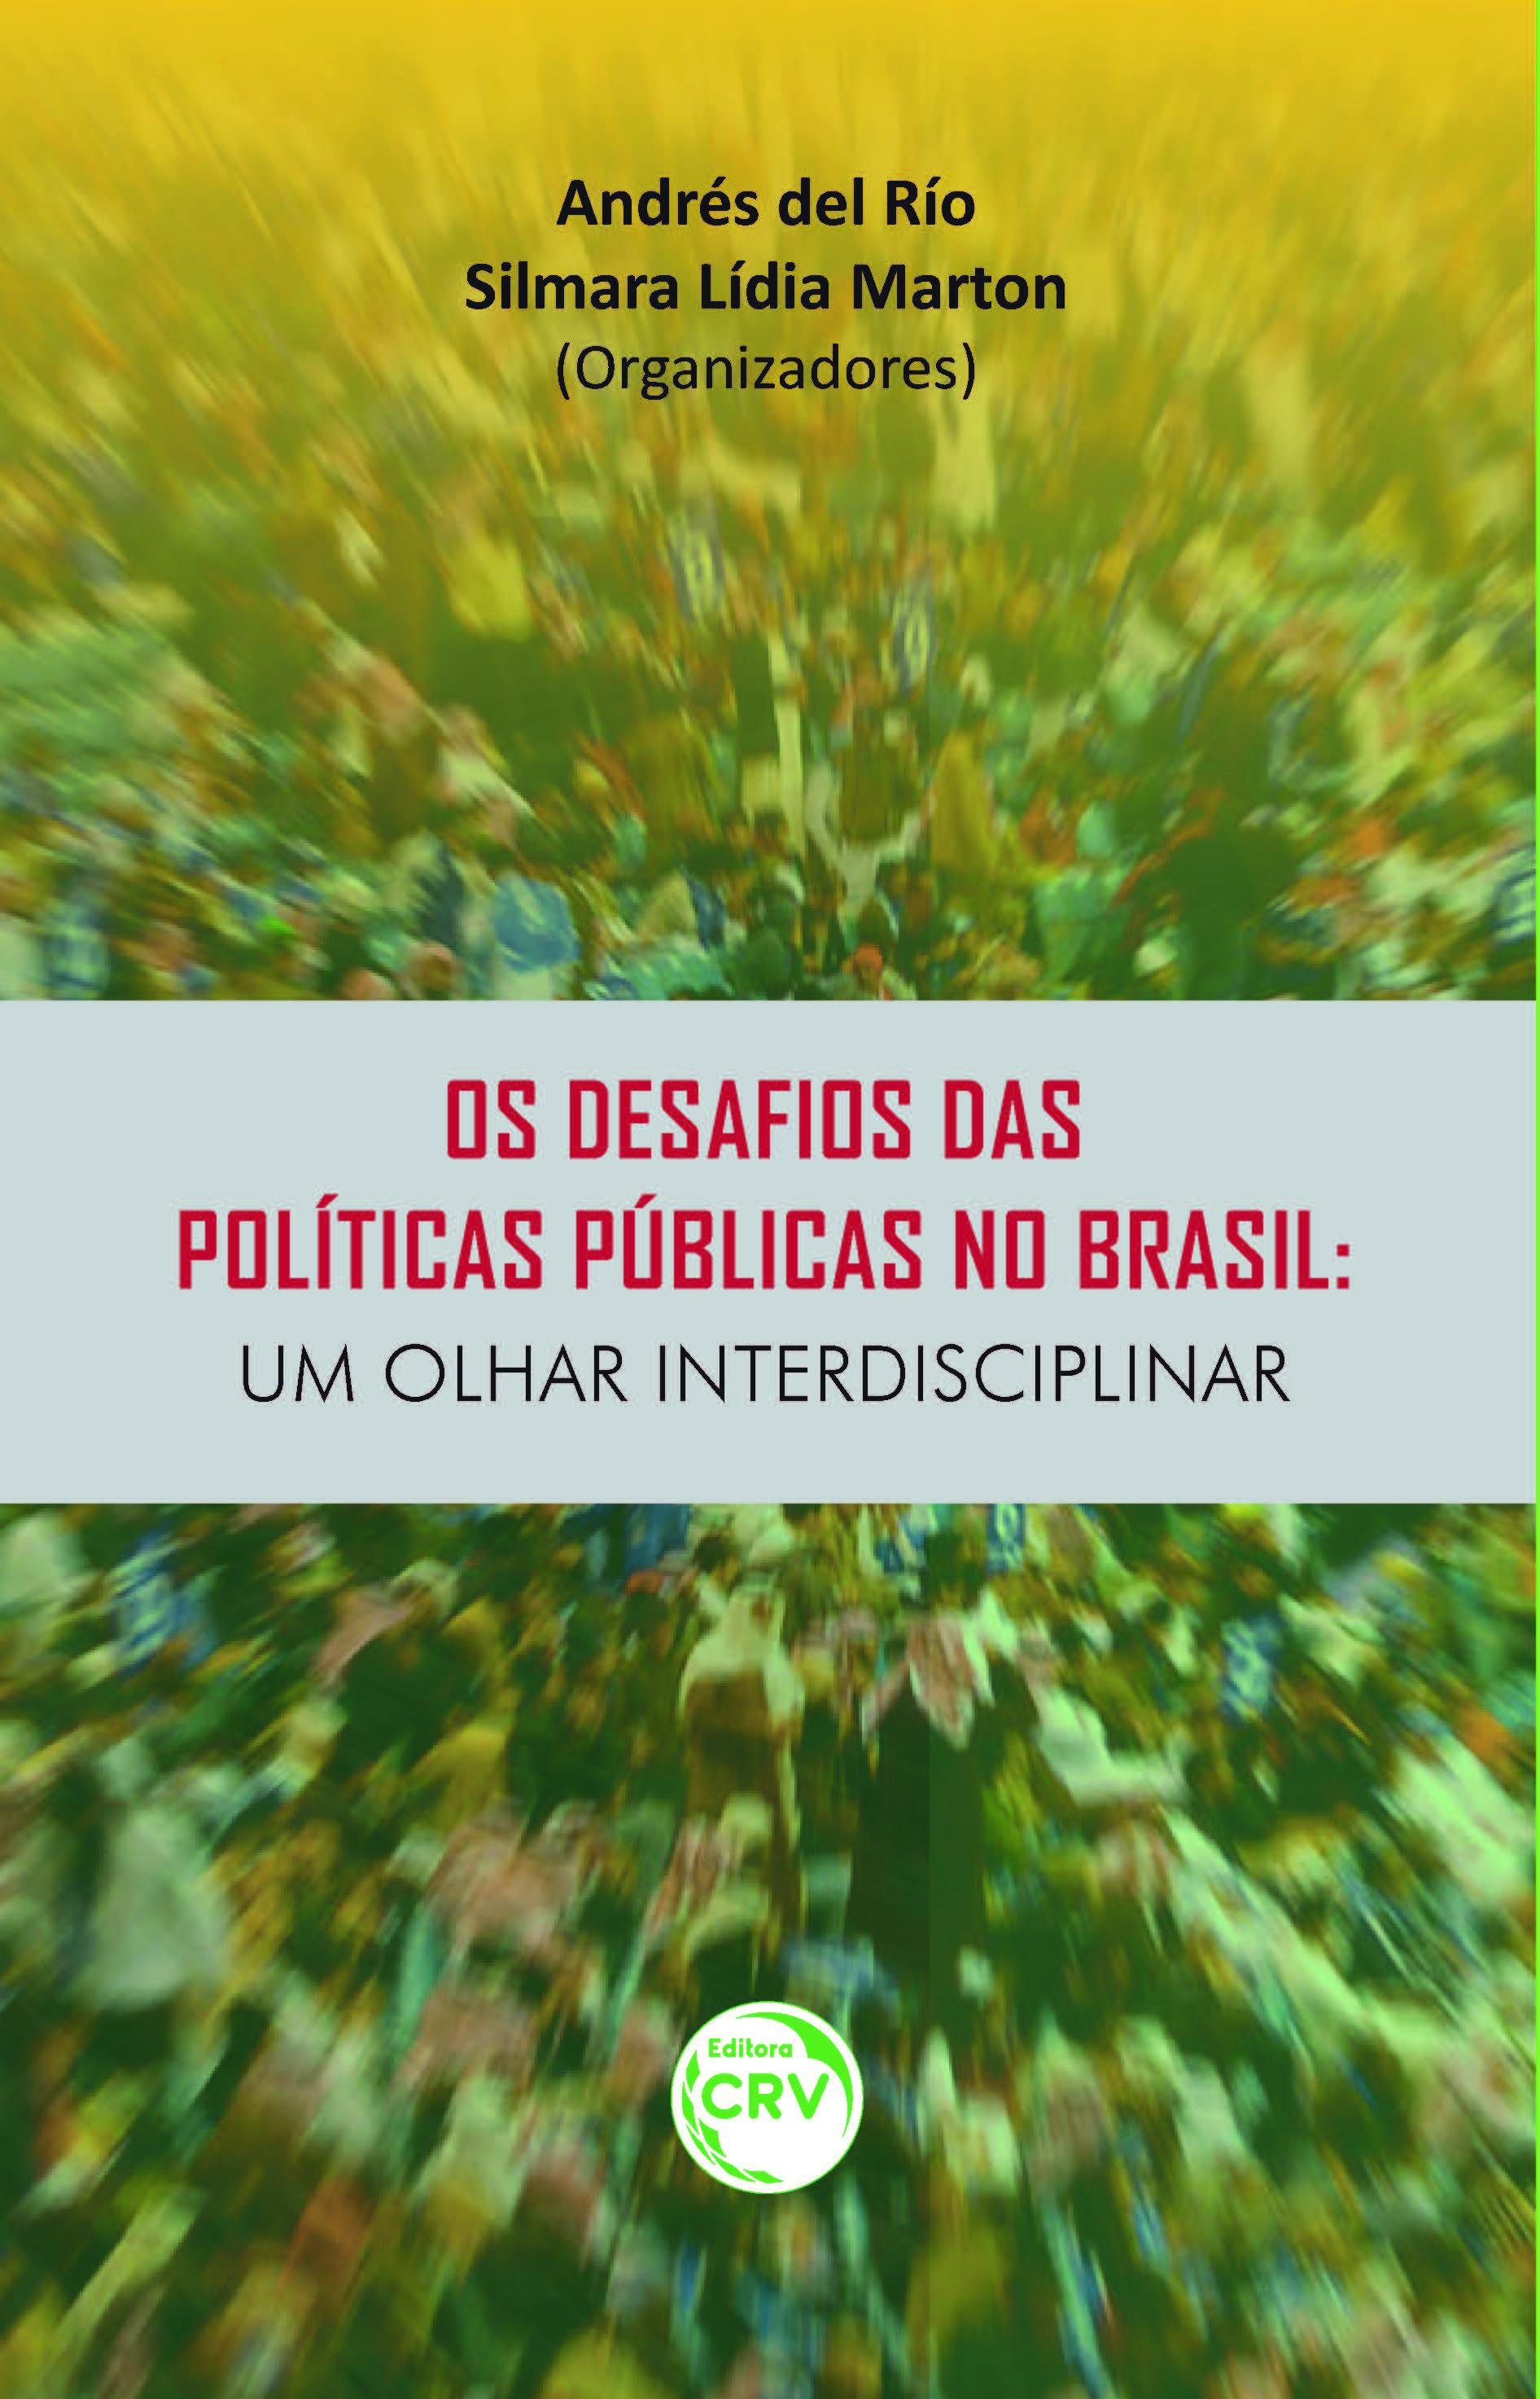 Capa do livro: OS DESAFIOS DAS POLÍTICAS PÚBLICAS NO BRASIL:<br>um olhar interdisciplinar